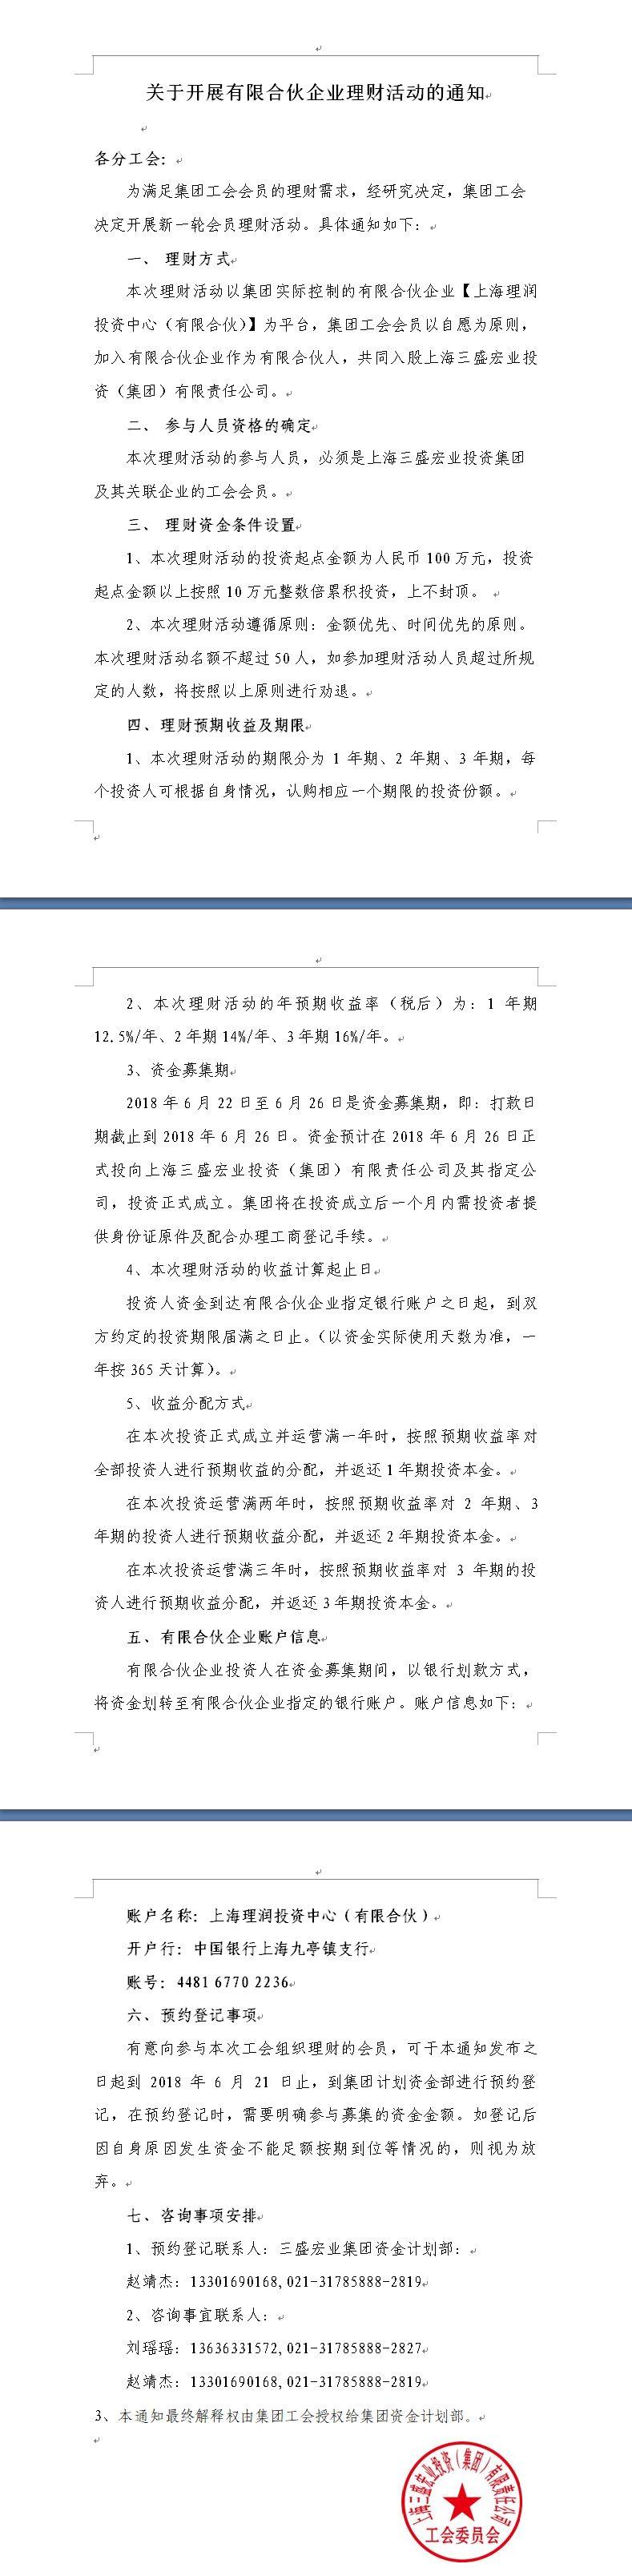 华侨人代理官网 - 习近平:继续高举多边主义旗帜 敦促各方遵守国际法